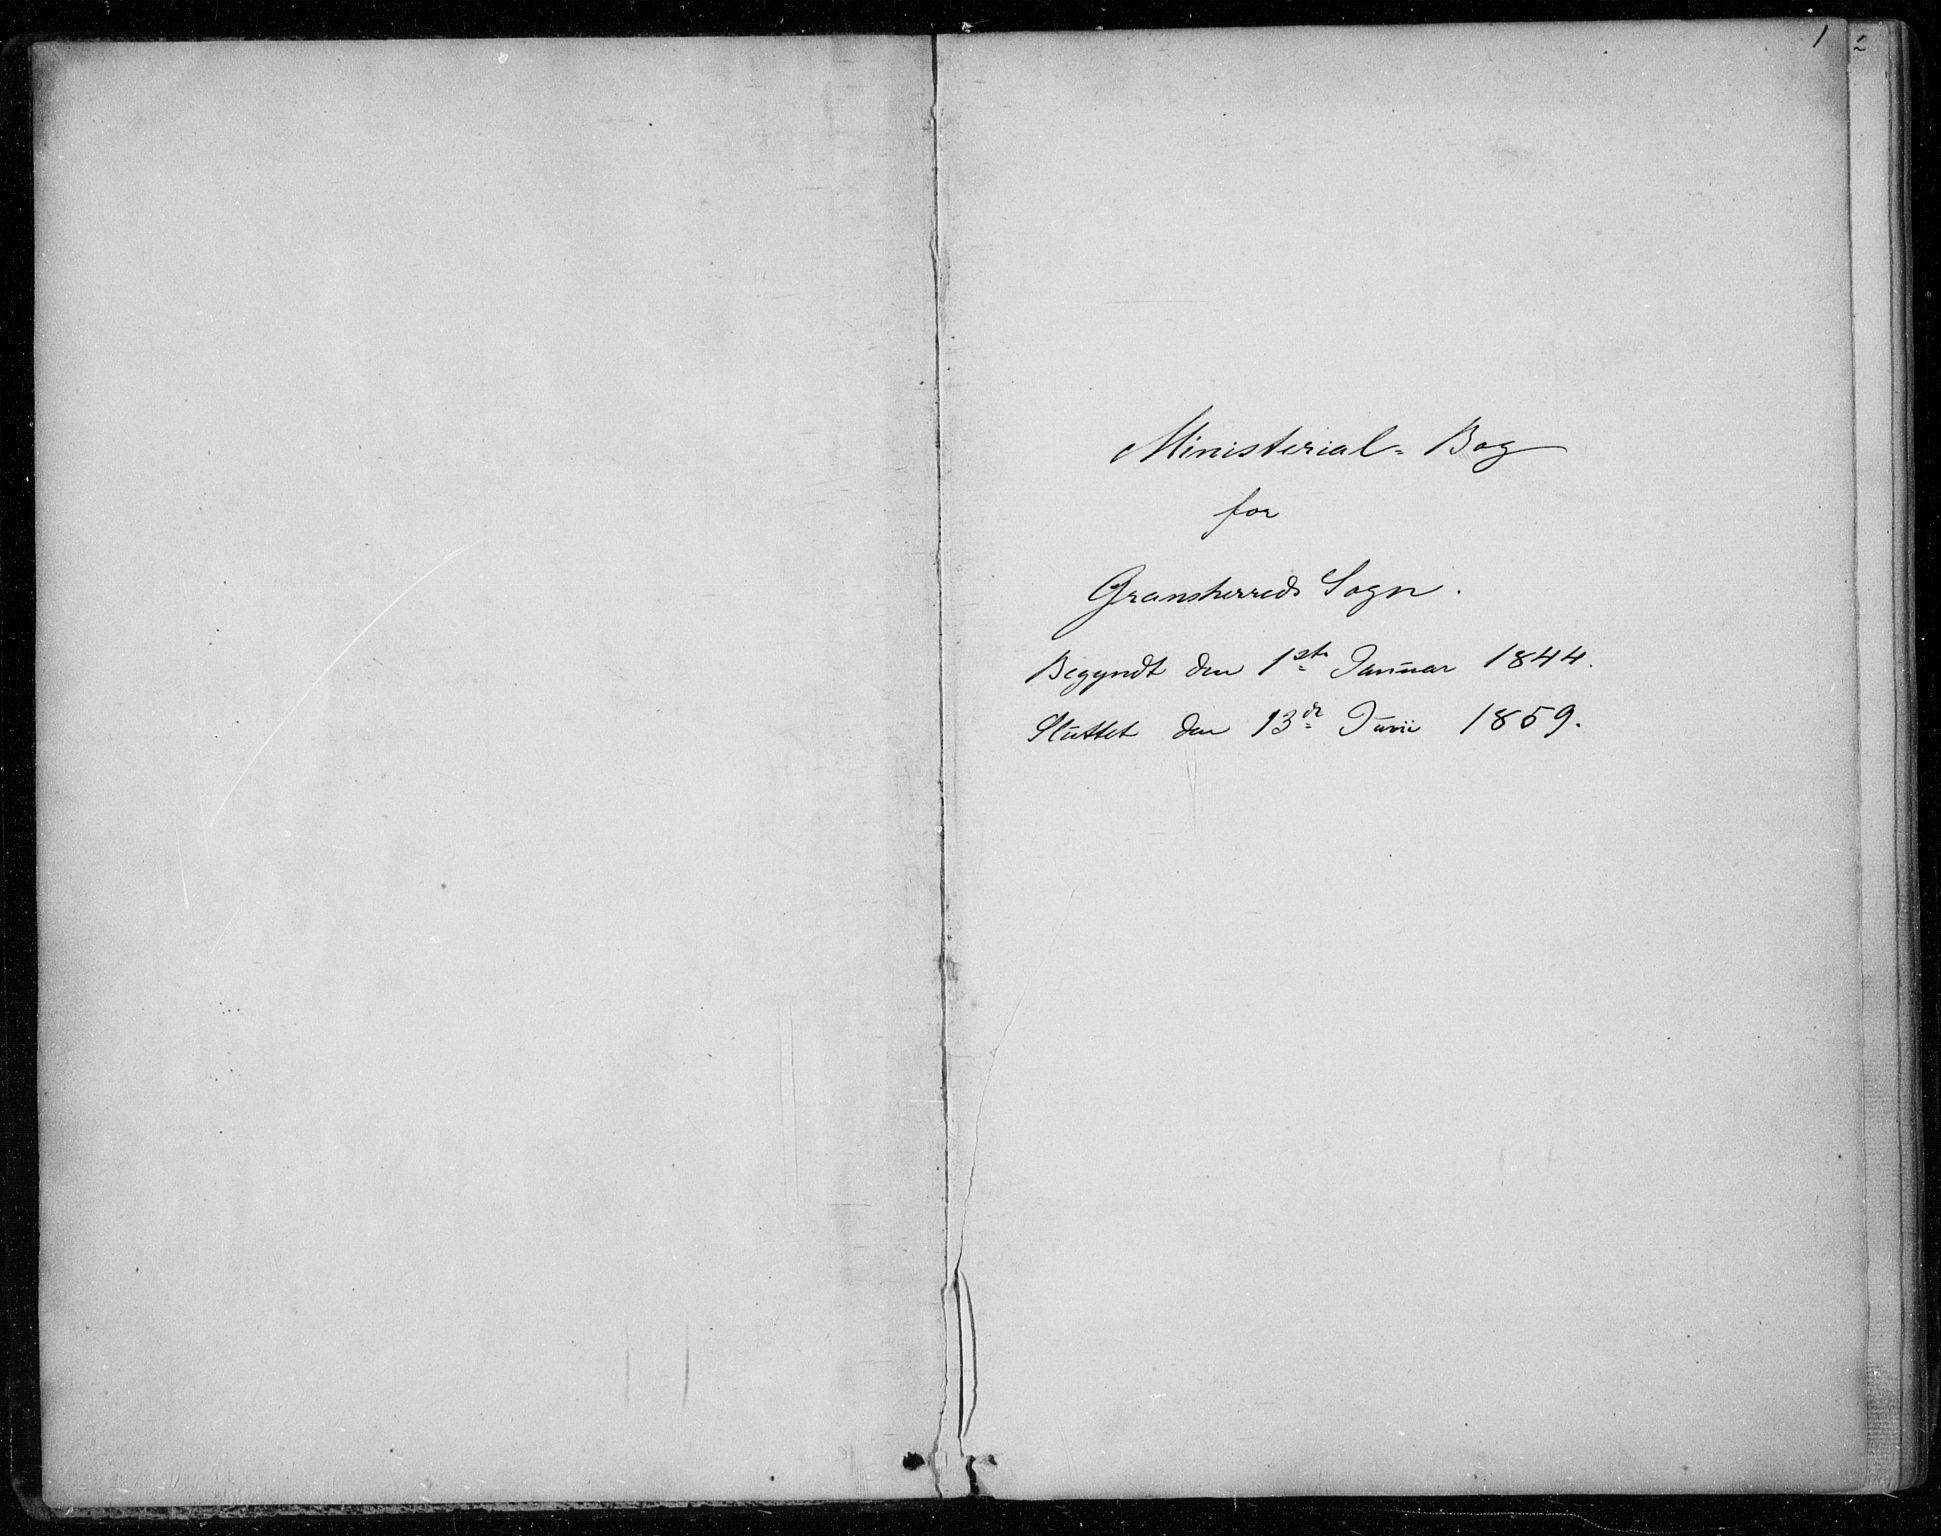 SAKO, Gransherad kirkebøker, F/Fa/L0002: Ministerialbok nr. I 2, 1844-1859, s. 1